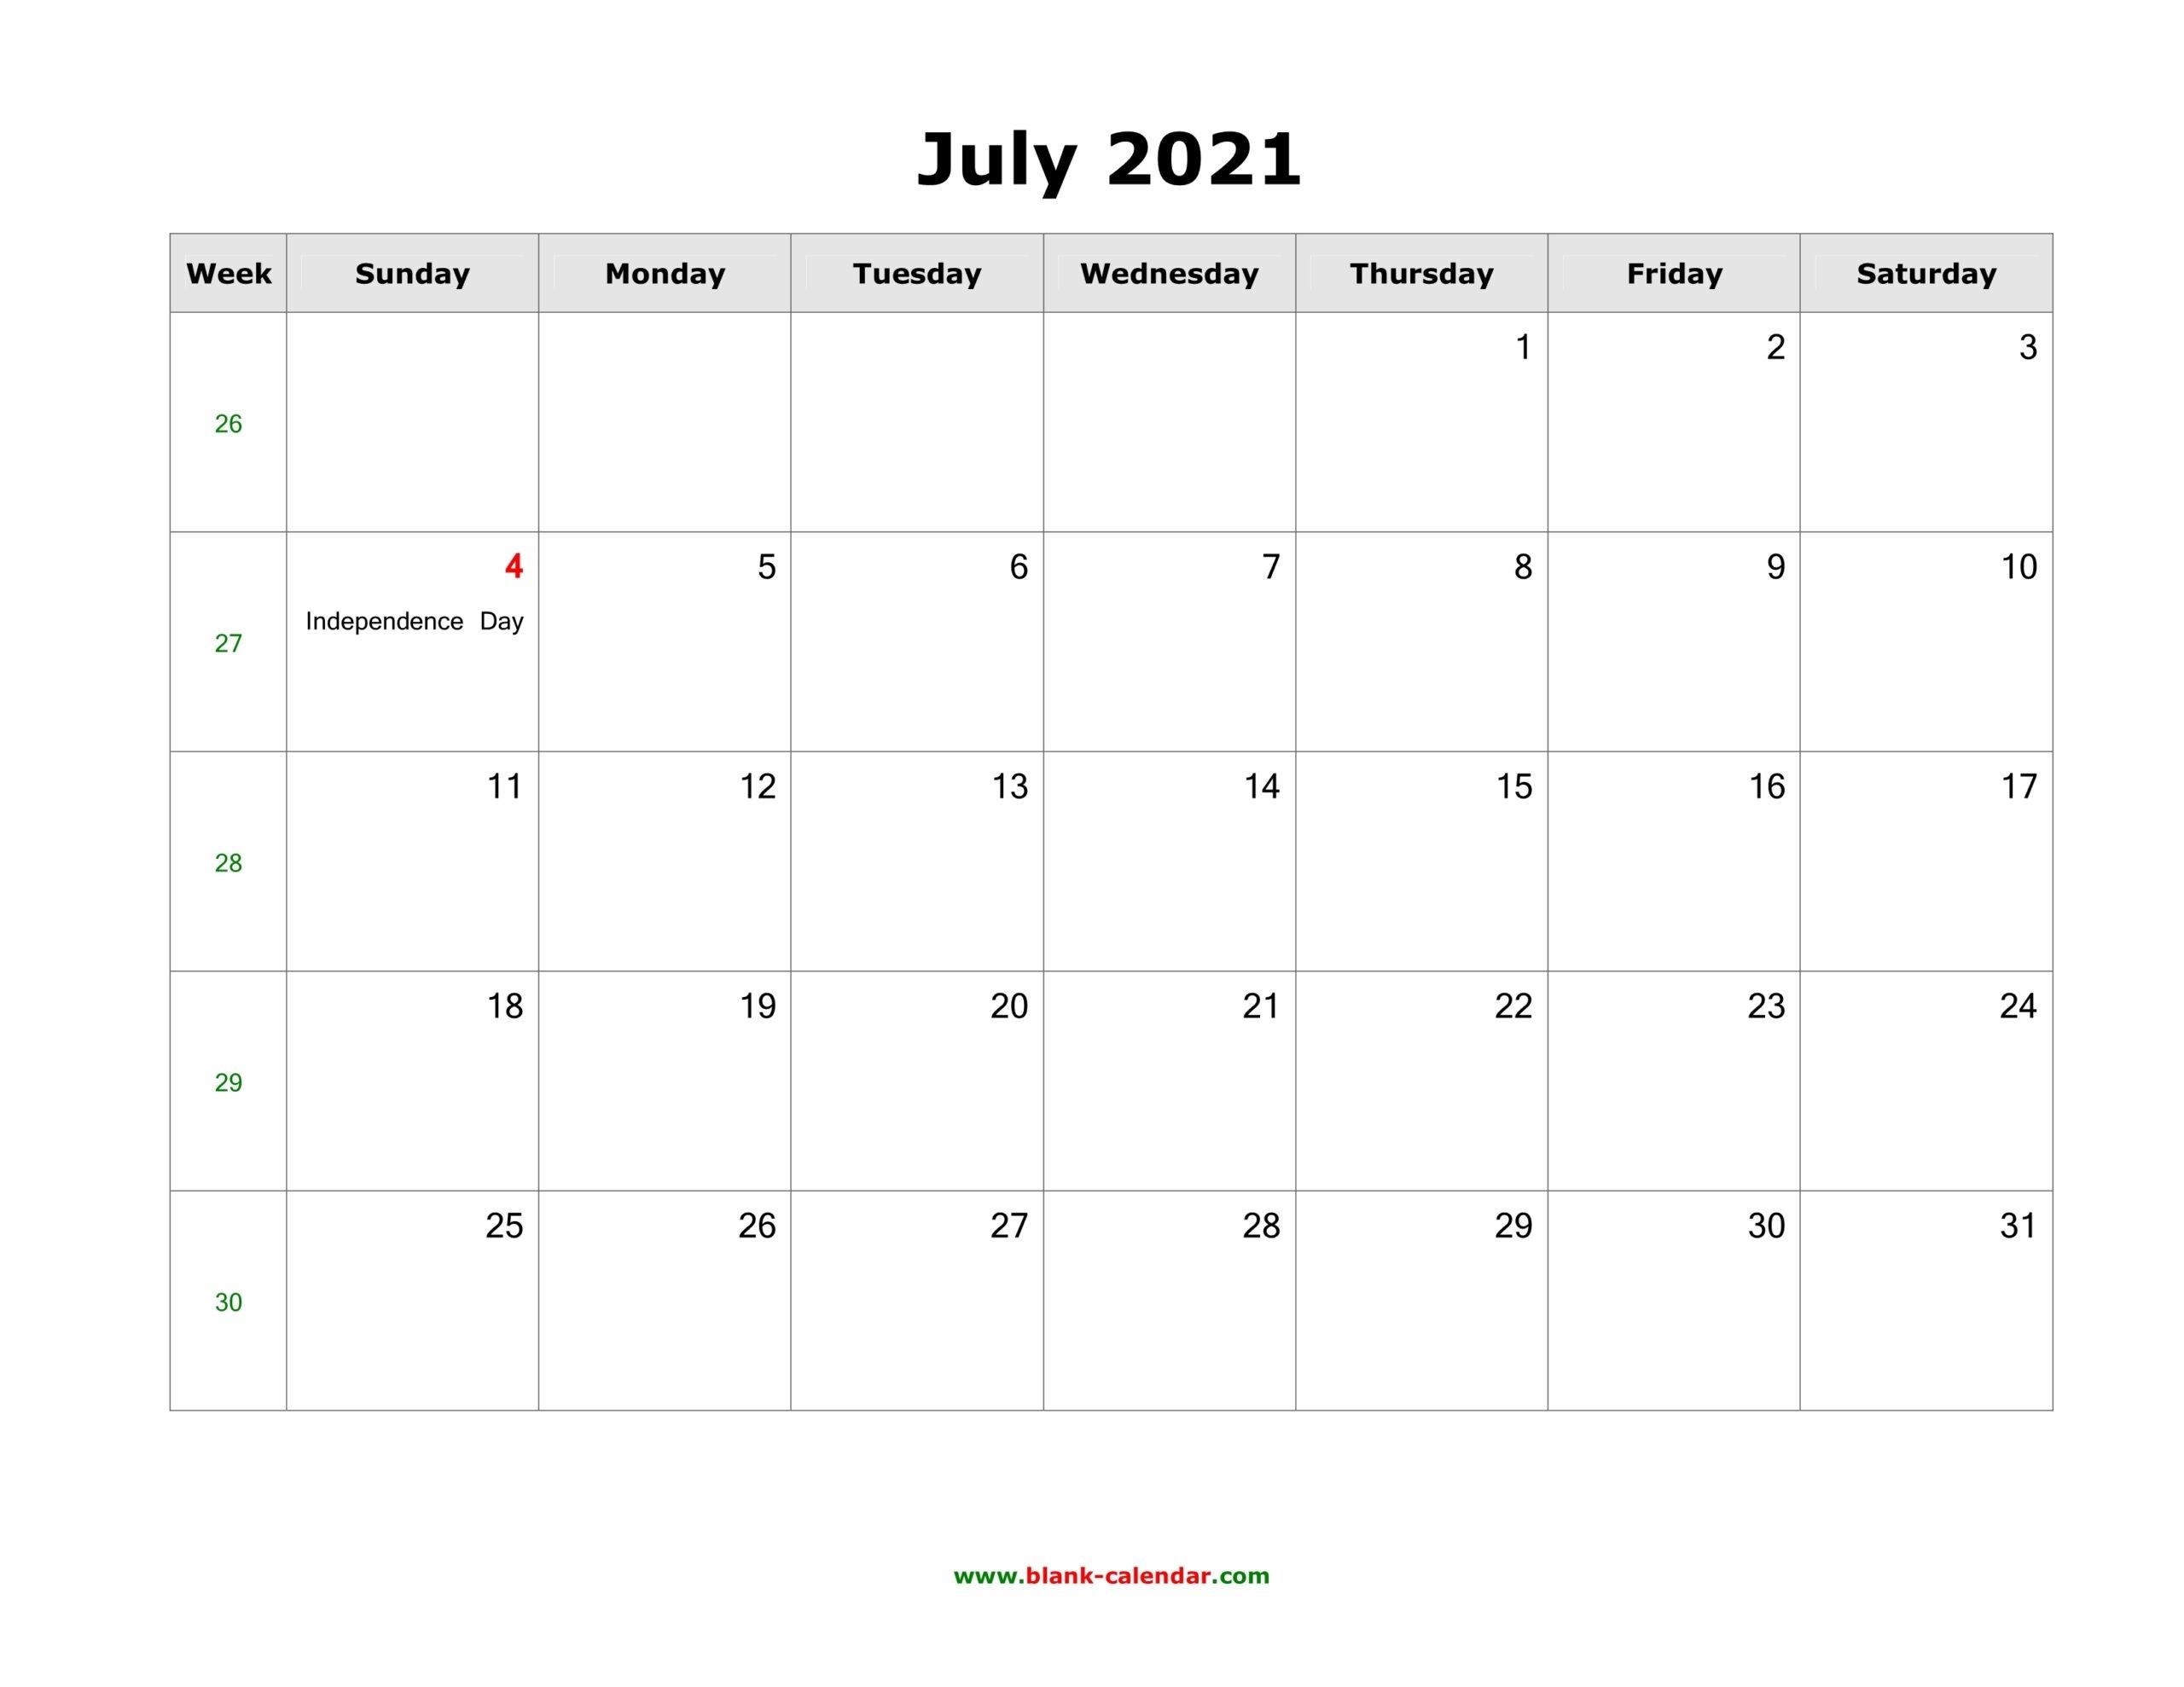 June 2021 Printable Calendar In Pdf, Word, Excel - Calendar End - 2020 Calendar Printable Print April May June 2021 Calendar